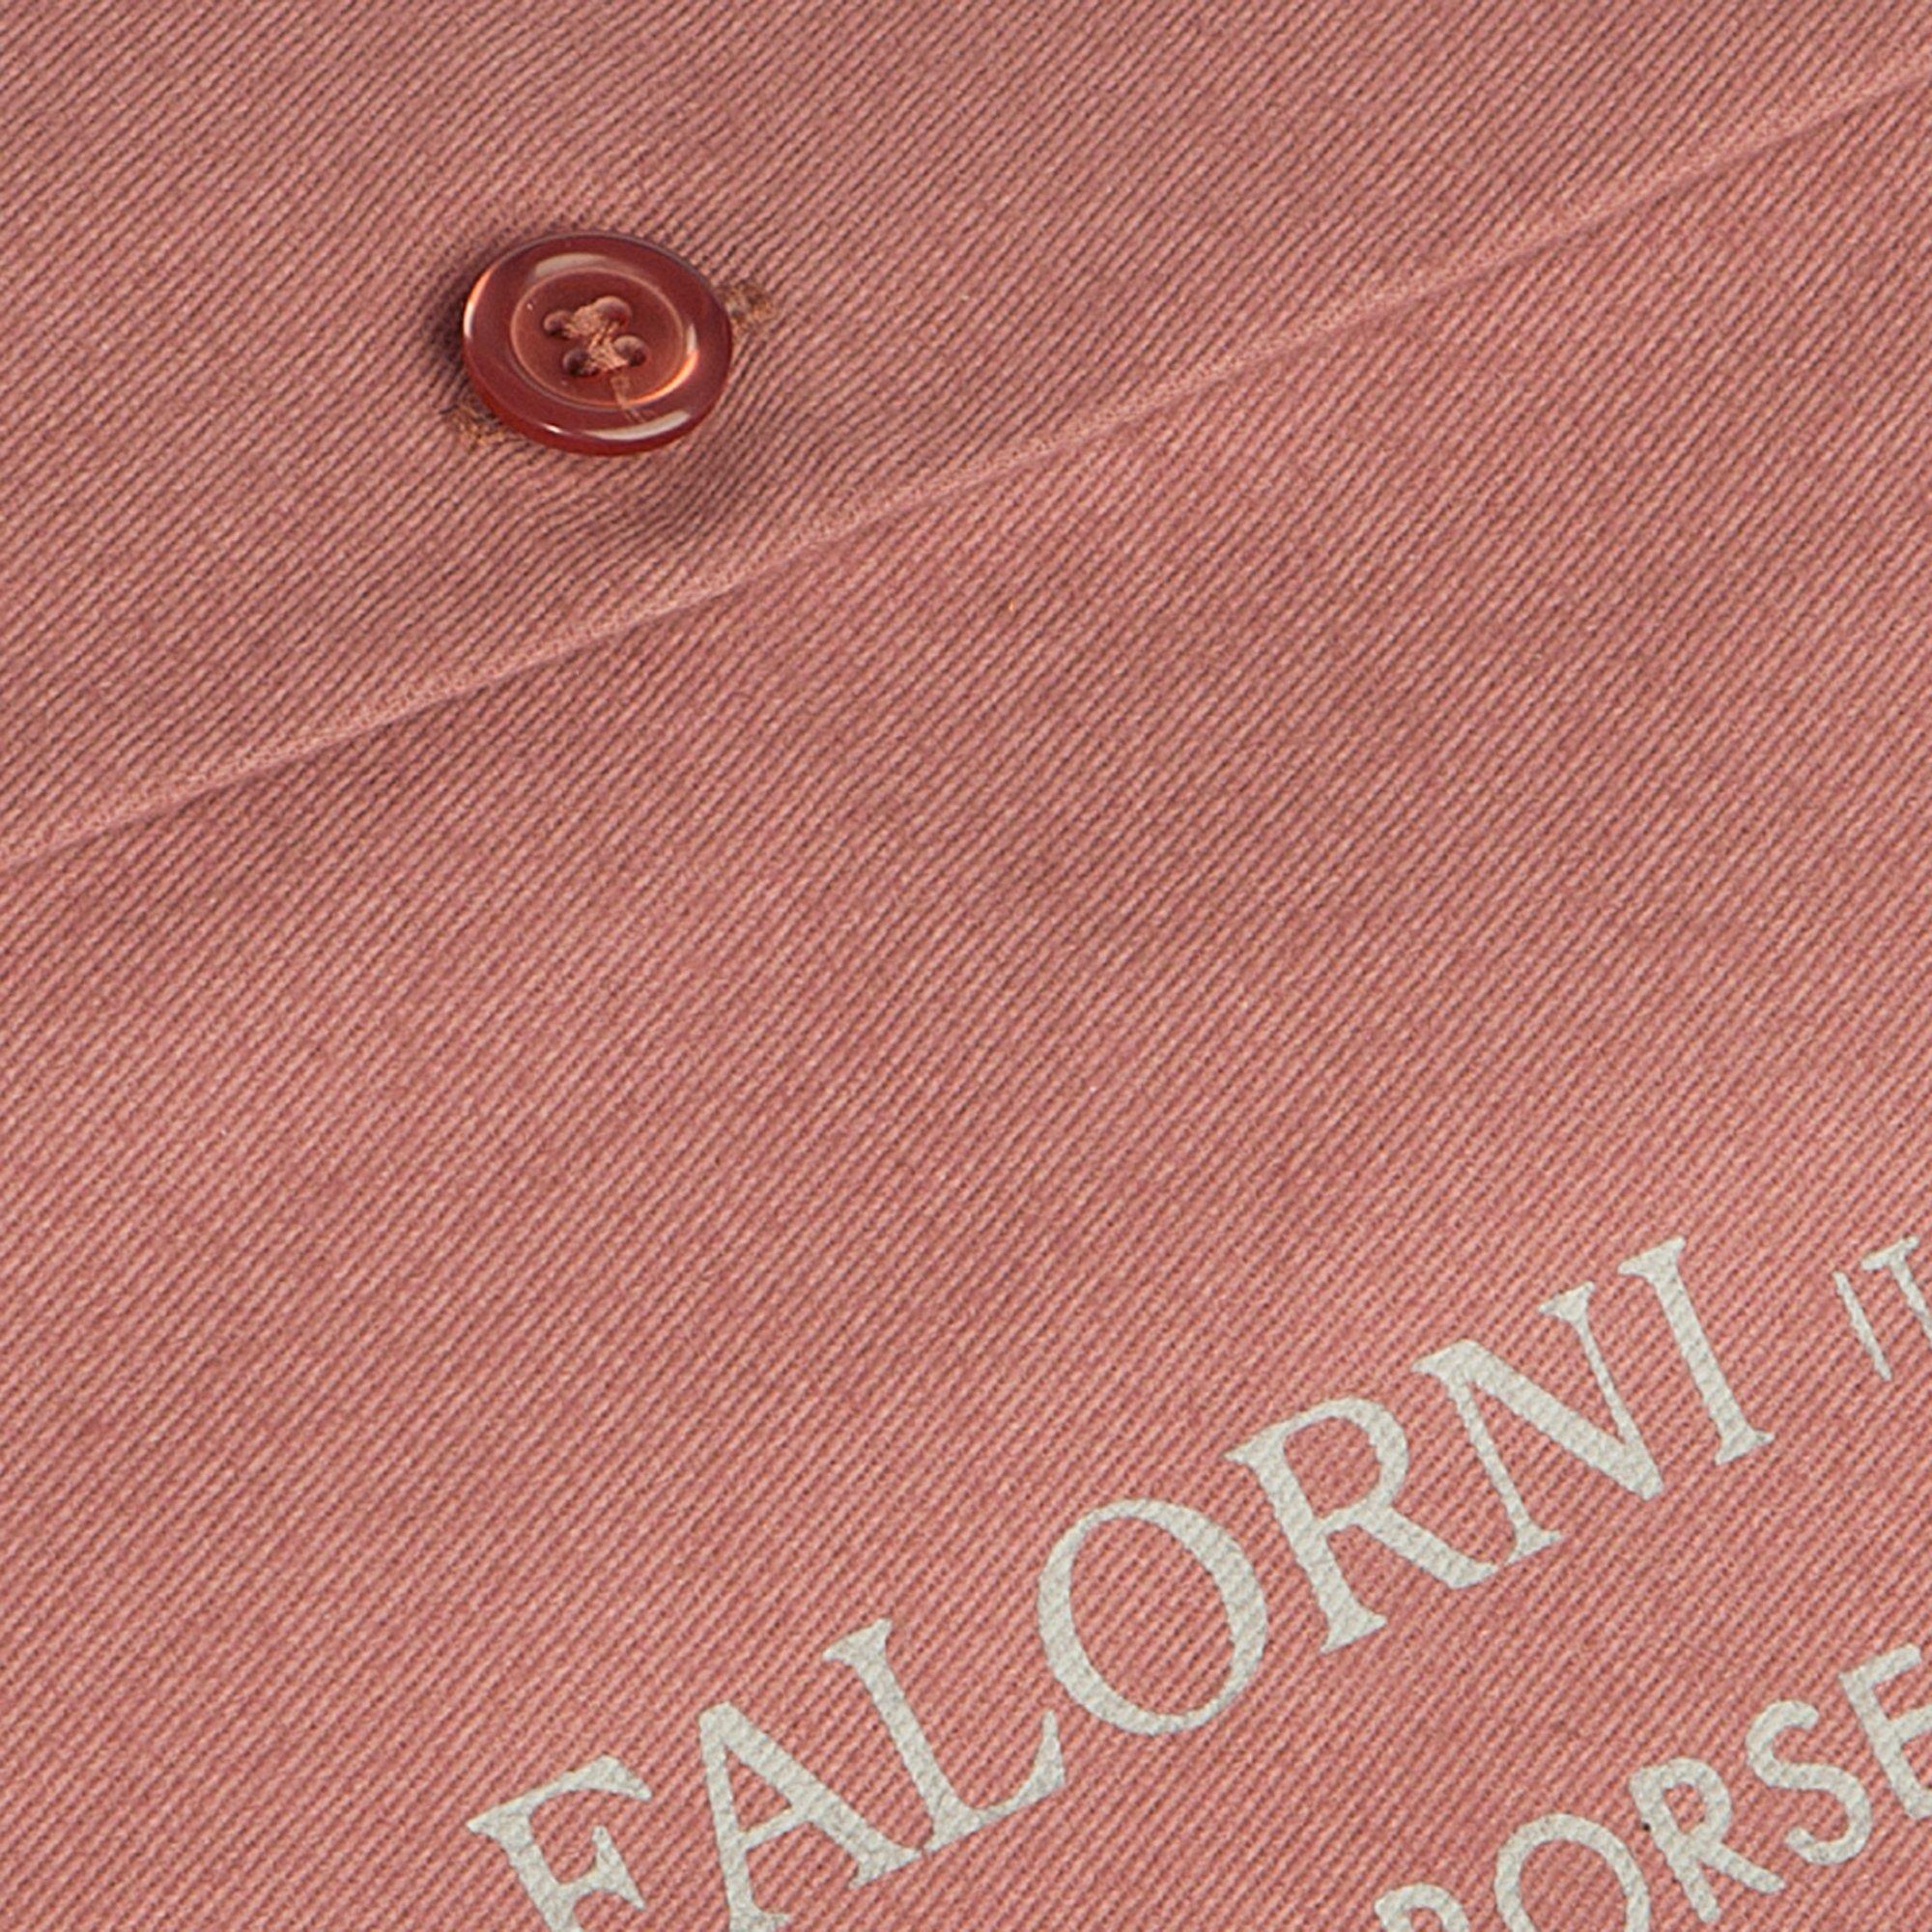 Linea FLAP BUTTON image 2